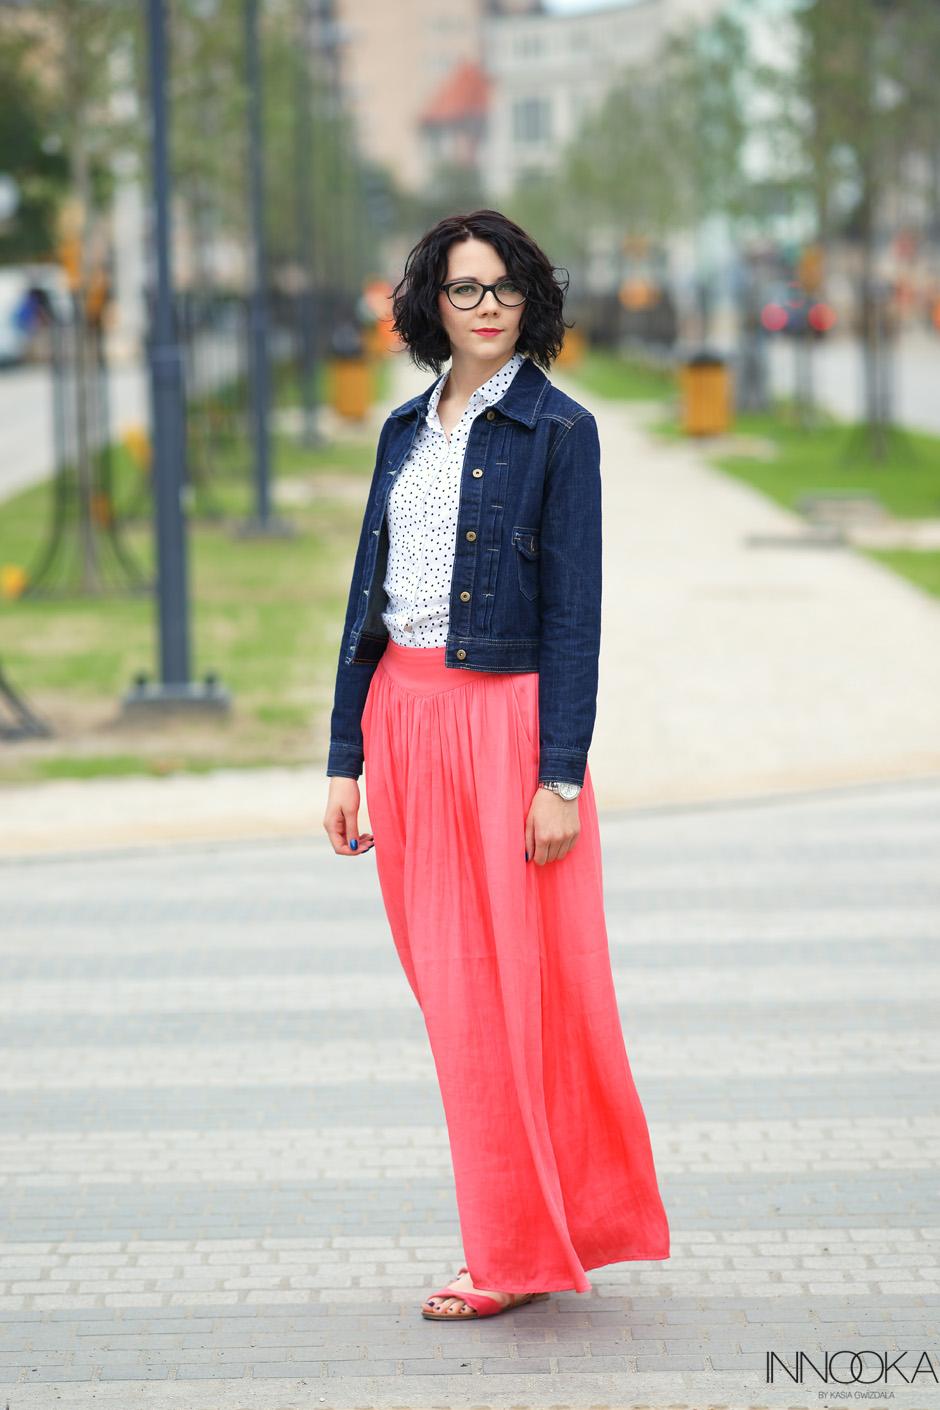 Koszula w groszki i długa koralowa spódnica dolne miasto gdańsk